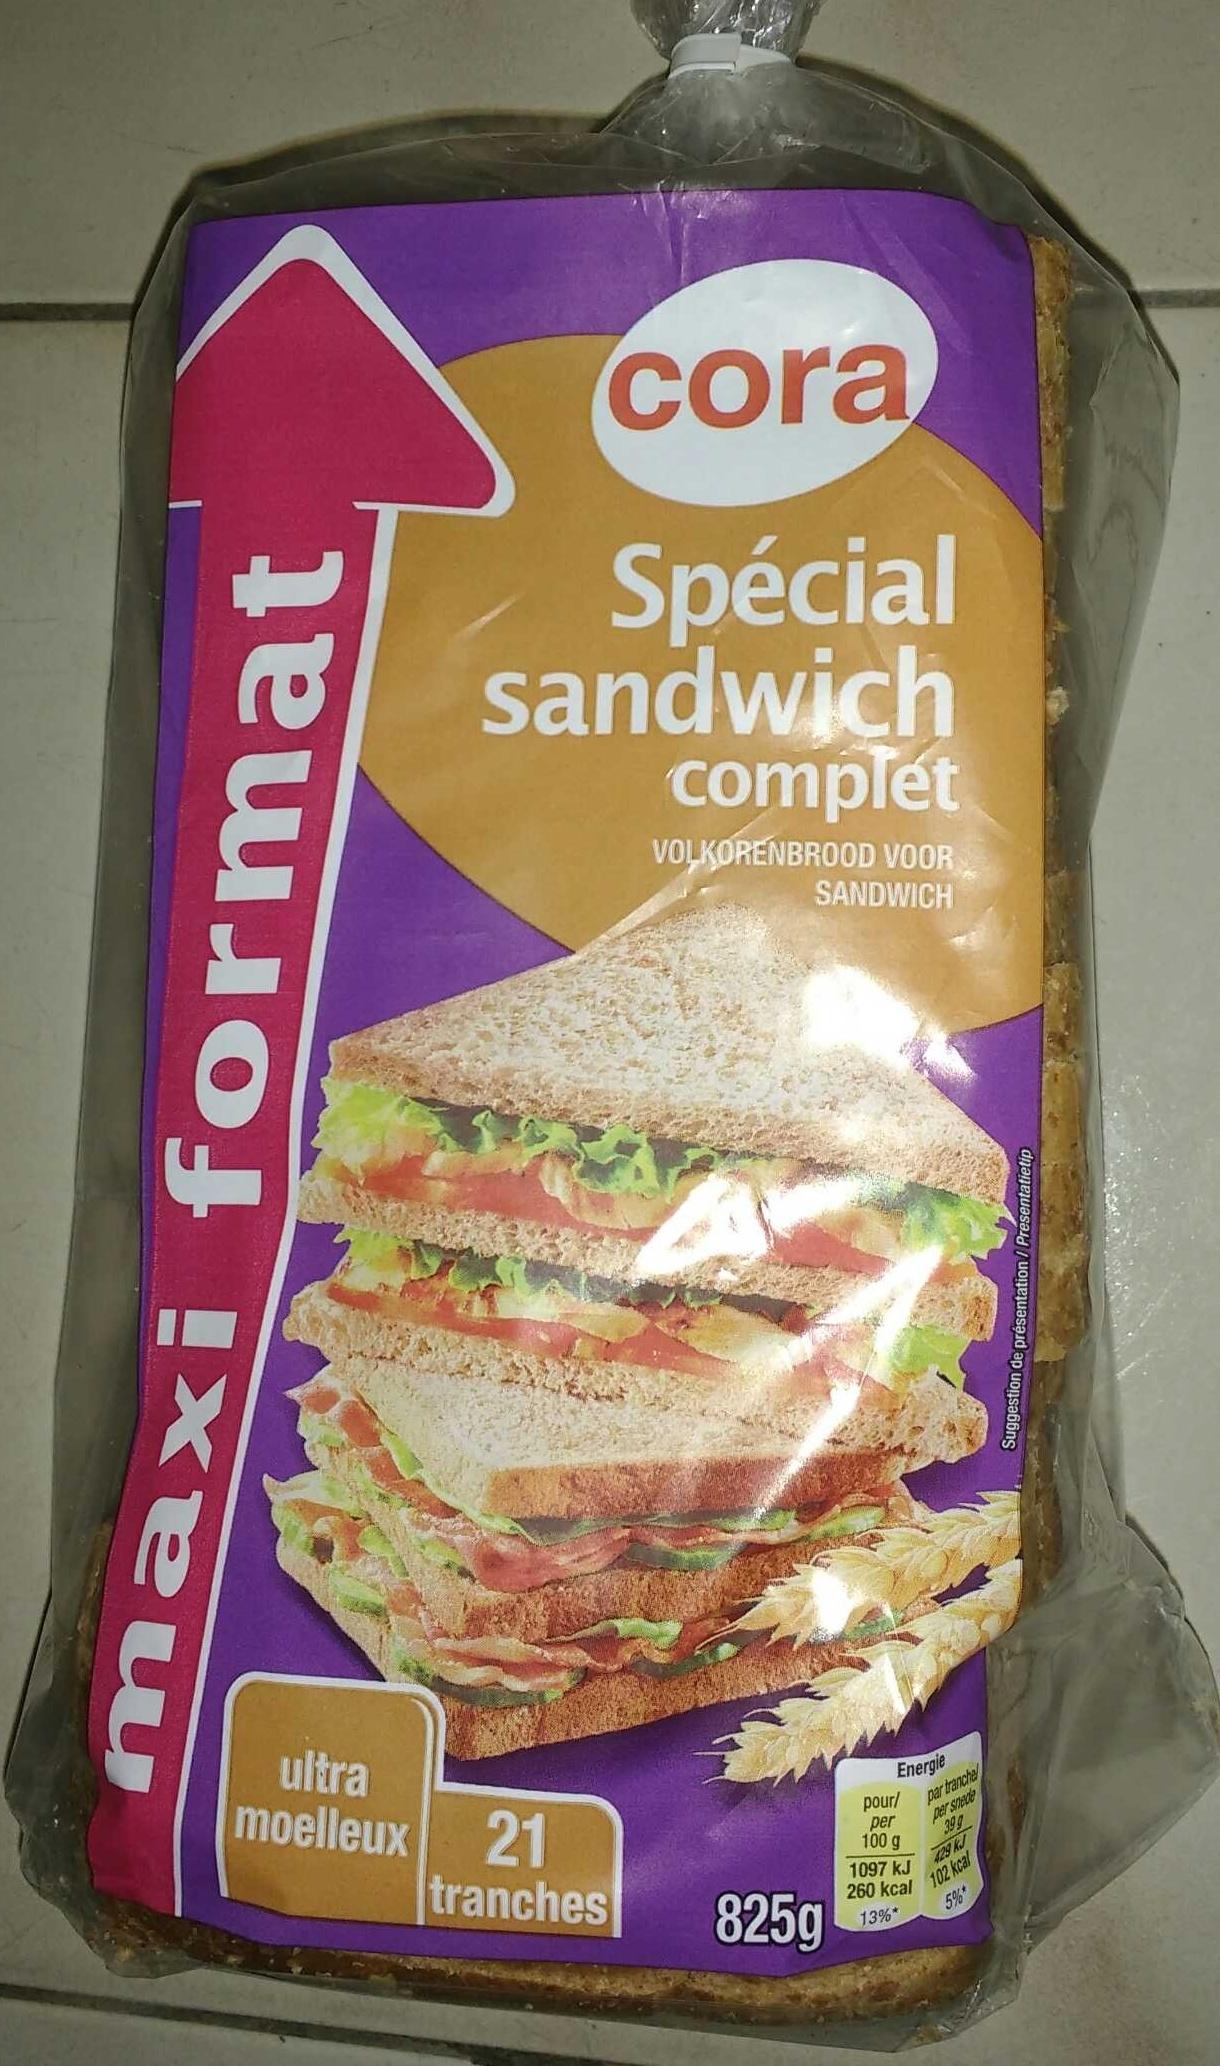 Spécial sandwich complet (maxi format) - Prodotto - fr